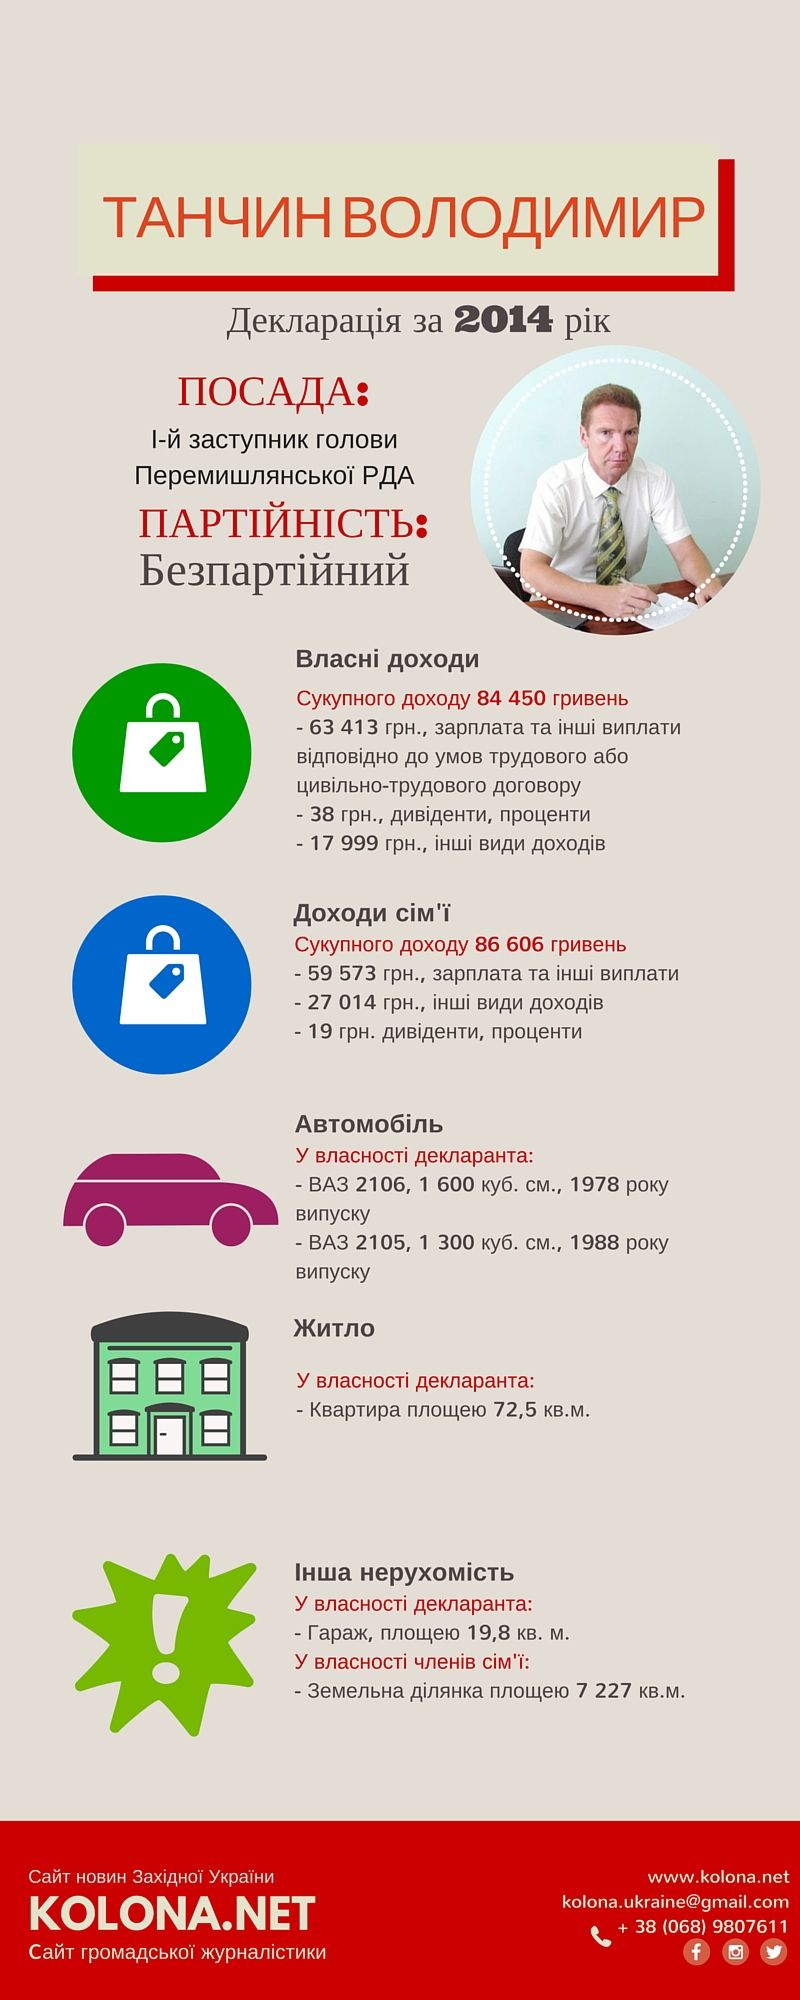 в.о. голови РДА перший заступник Танчин Володимир